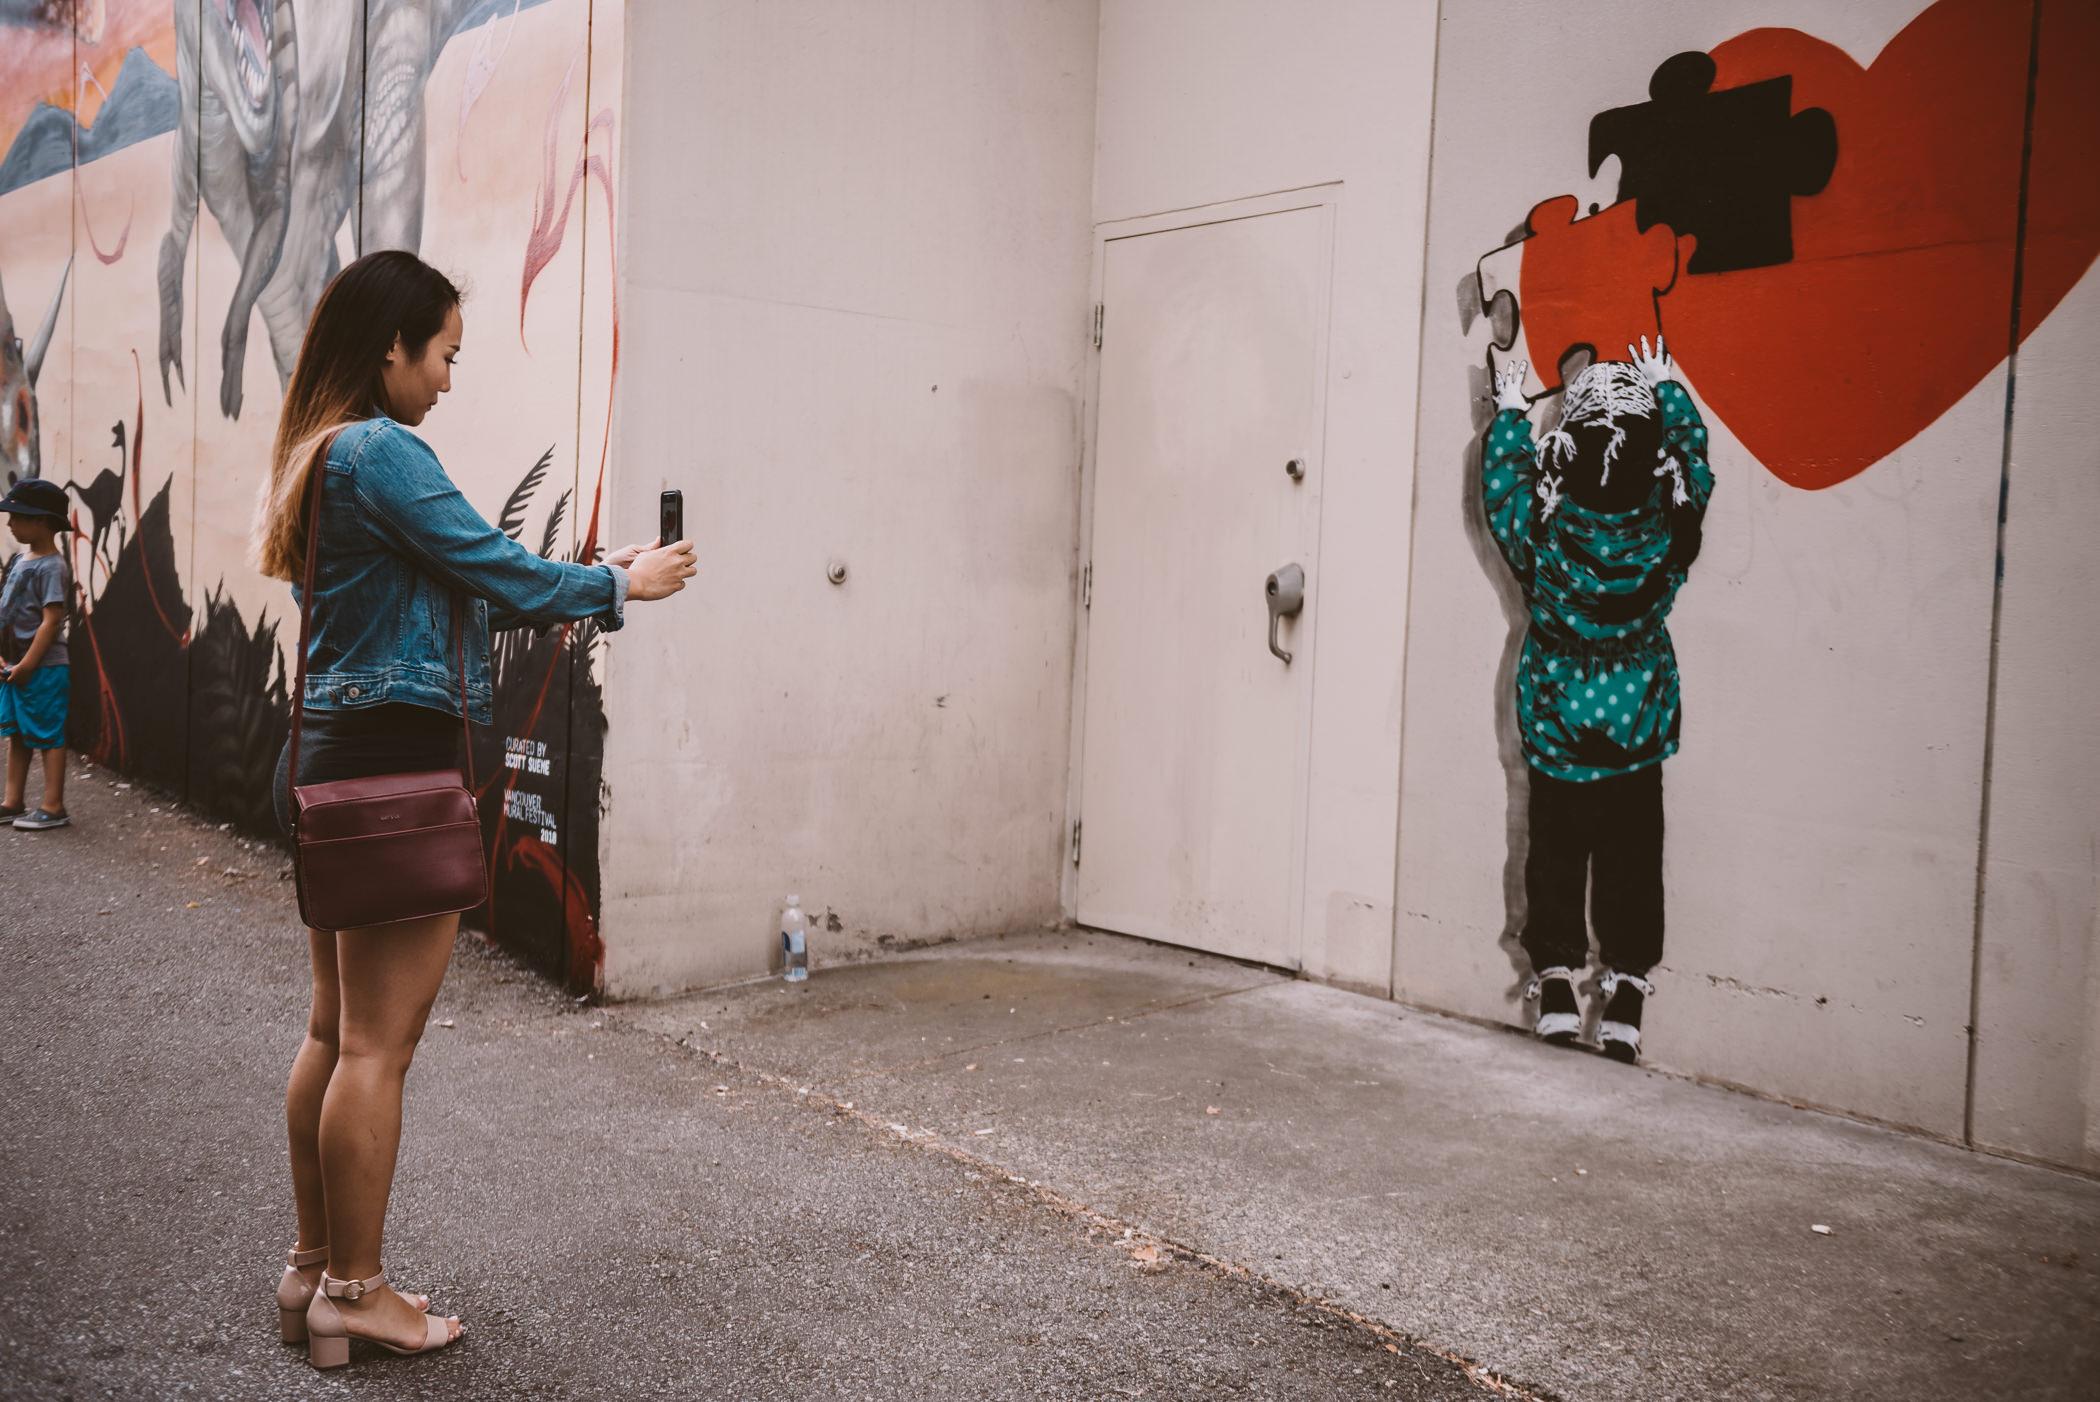 Vancouver_Mural_Fest-Do604-Timothy_Nguyen-20180811-107.jpg